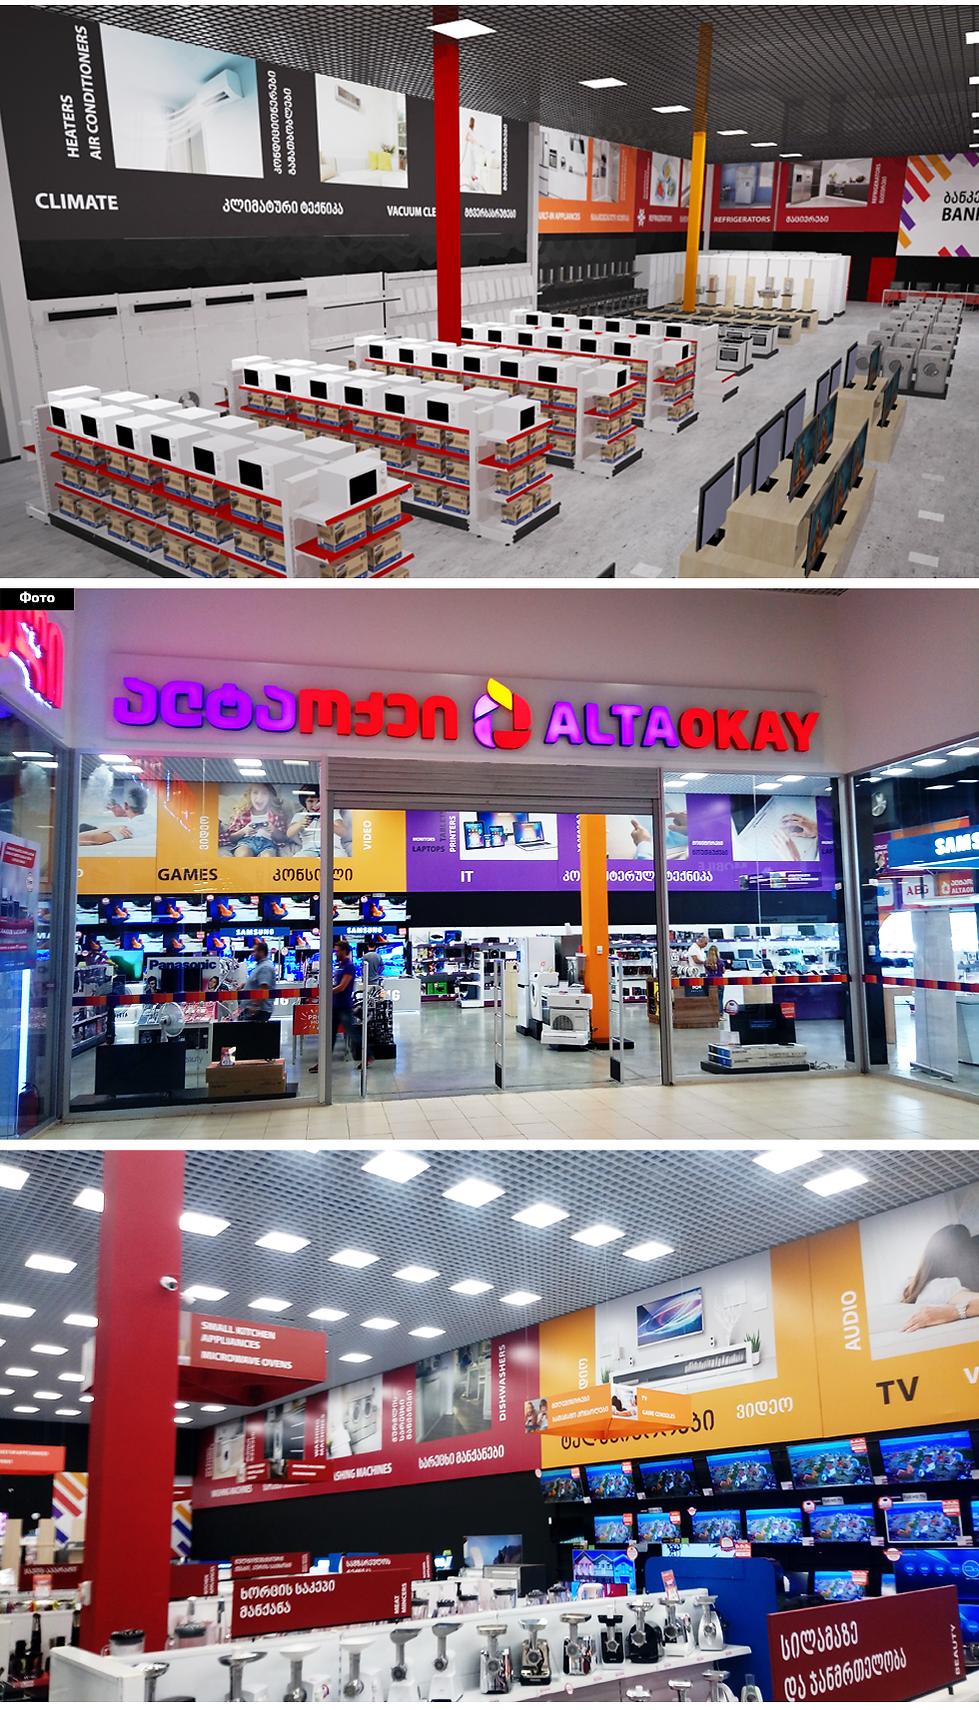 მაღაზიის პროექტირება და დიზაინი altaokay